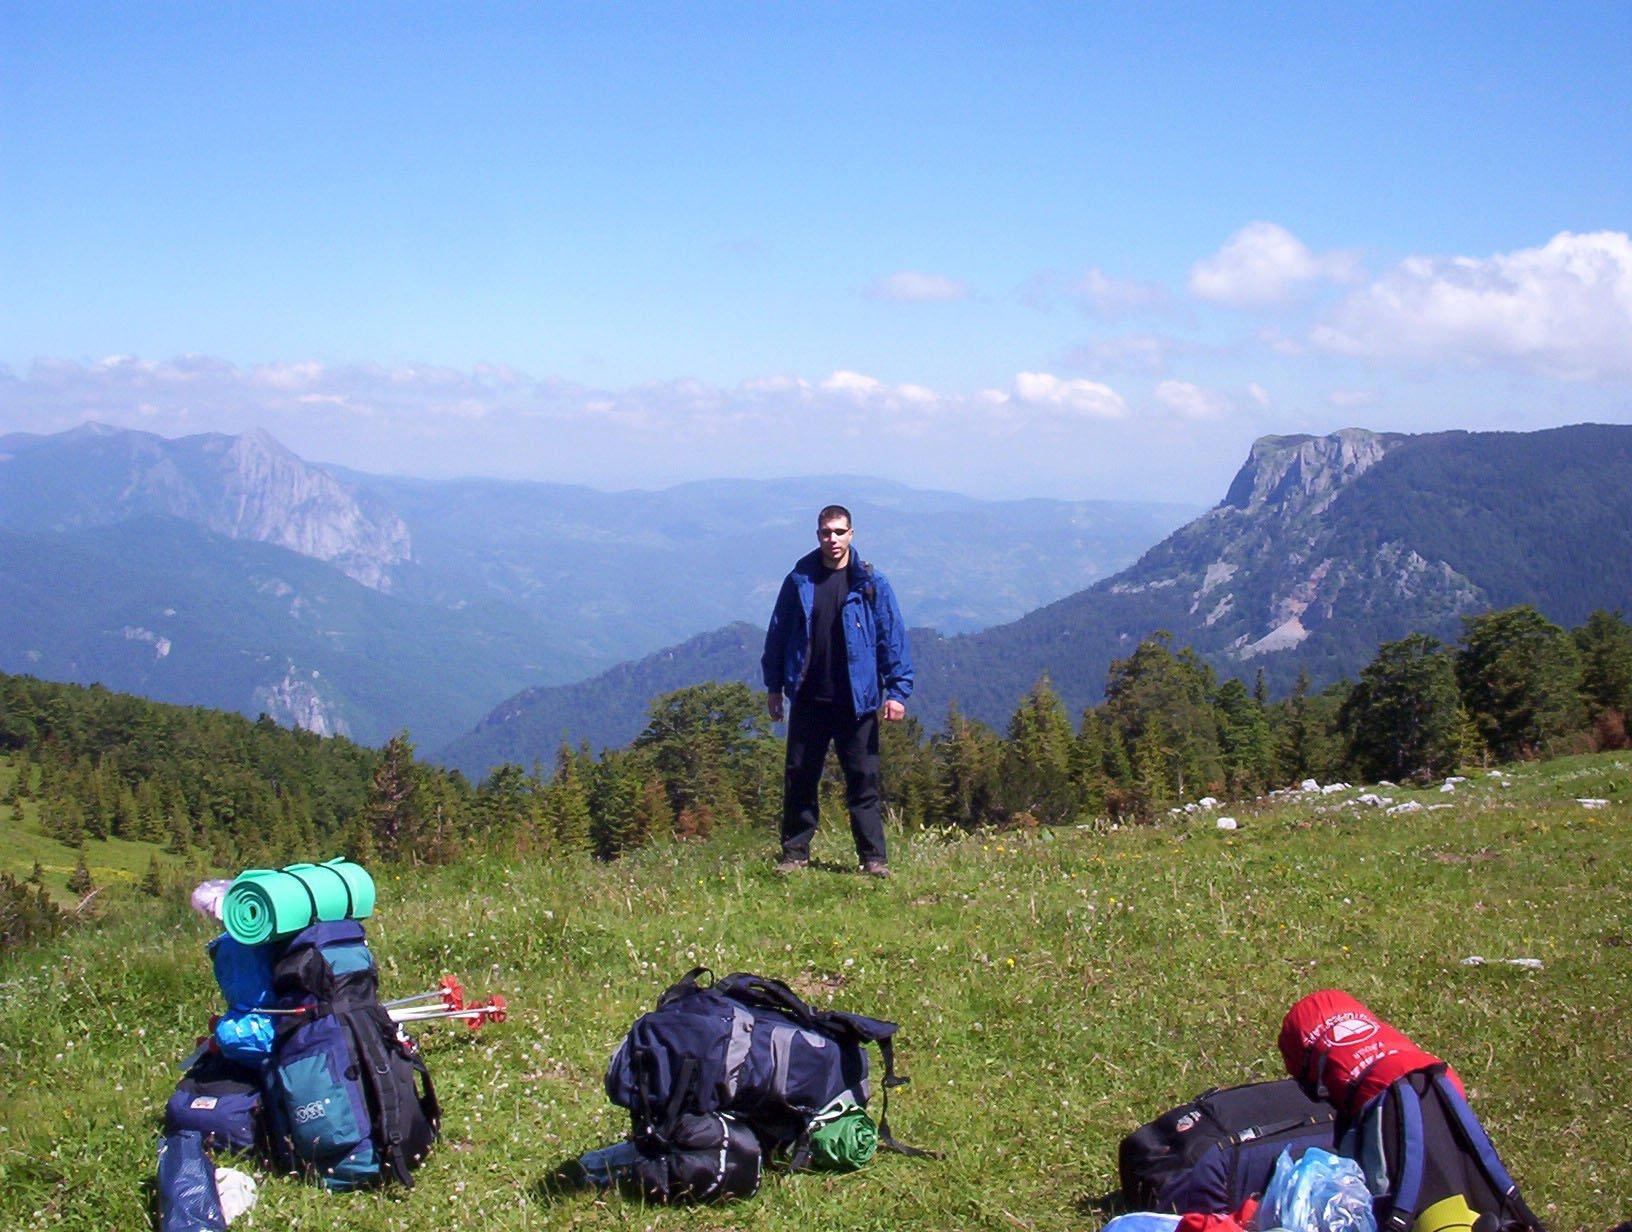 Bosna_i_Hercegovina_Putovanje_Planinarenje_Akcija_povoljno_Maglic_kombijem_Last_Minute